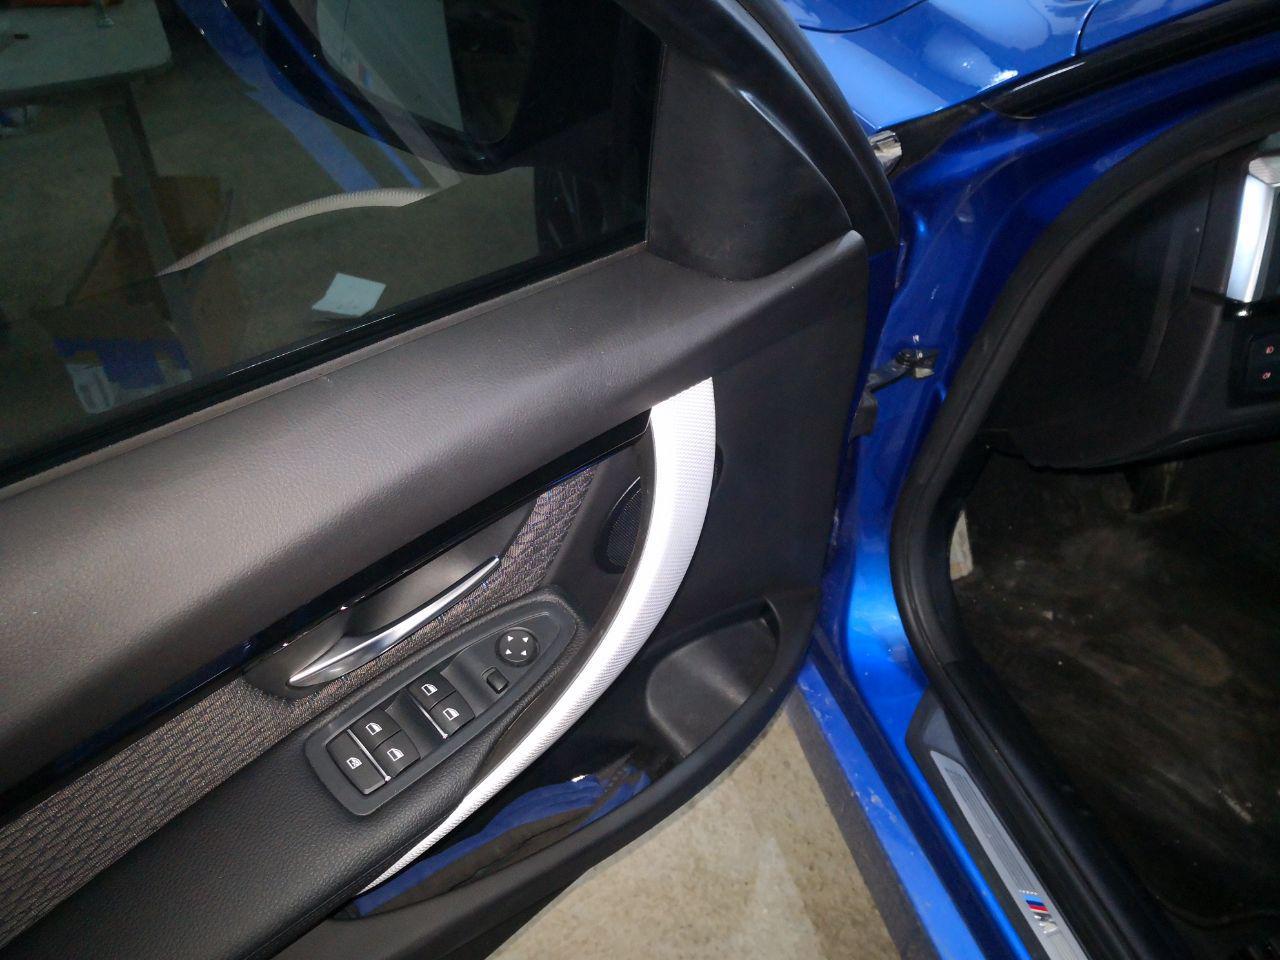 Передняя дверь BMW F30 с одним штатным СЧ-динамиком